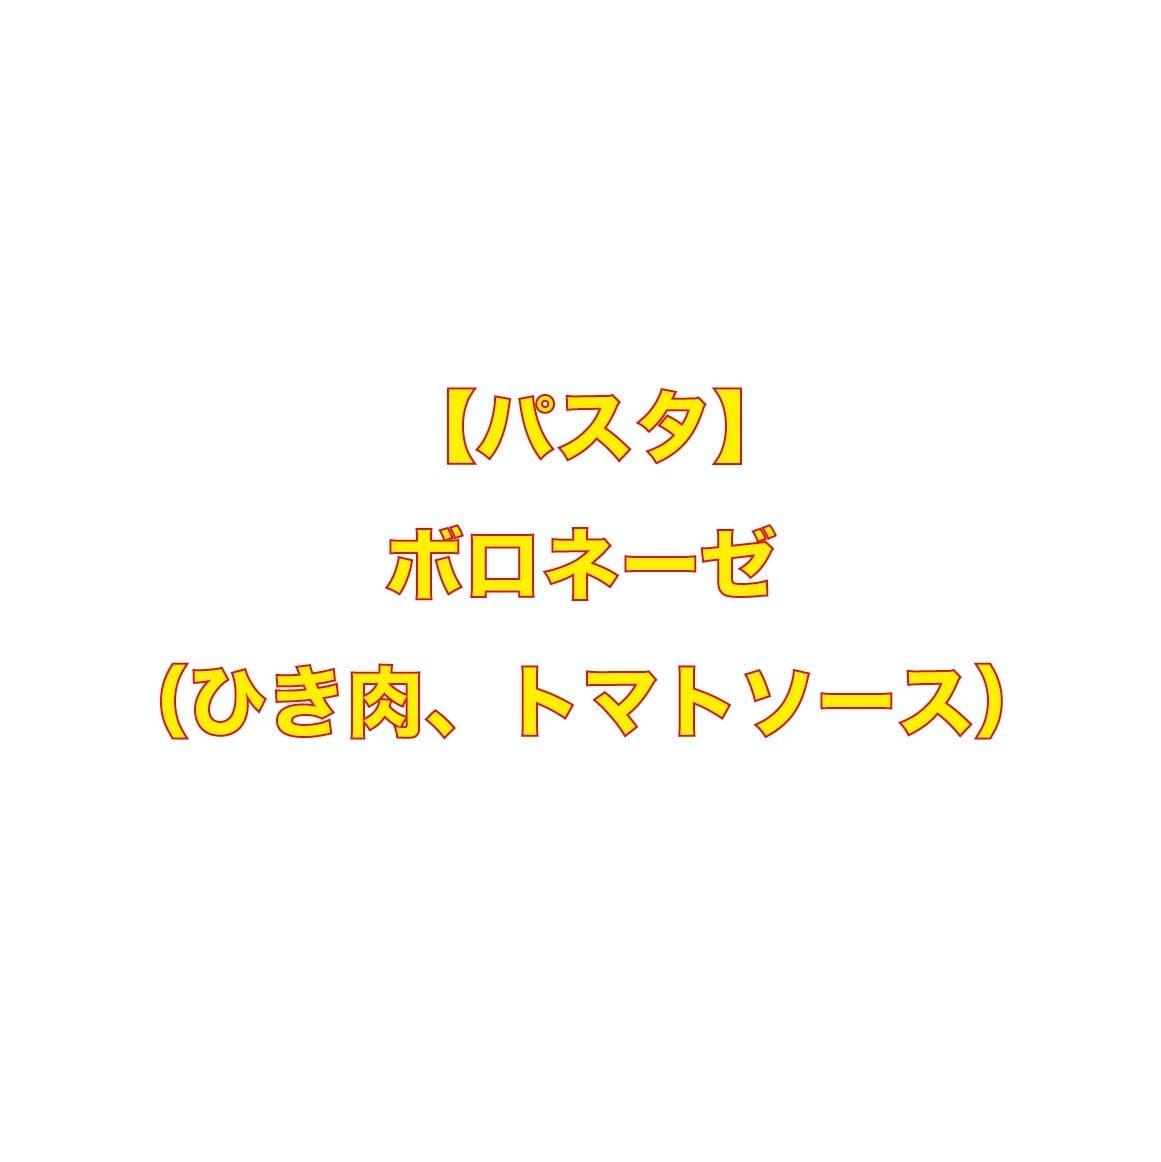 【パスタ】ボロネーゼ (ひき肉、トマトソース)《店内注文》のイメージその1